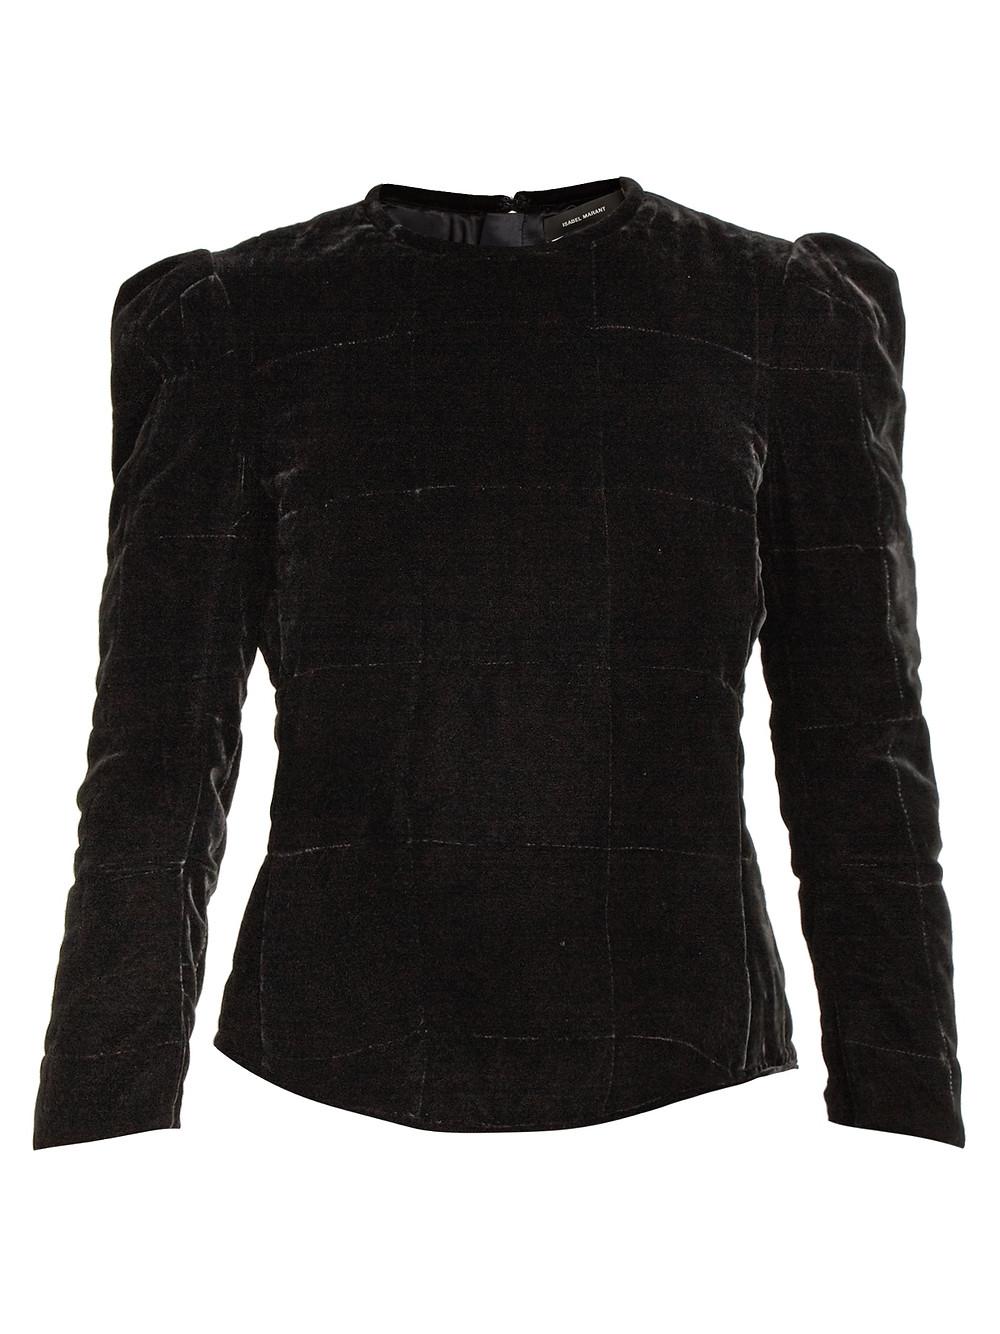 Isabel Marant Black Velvet Tuline Top